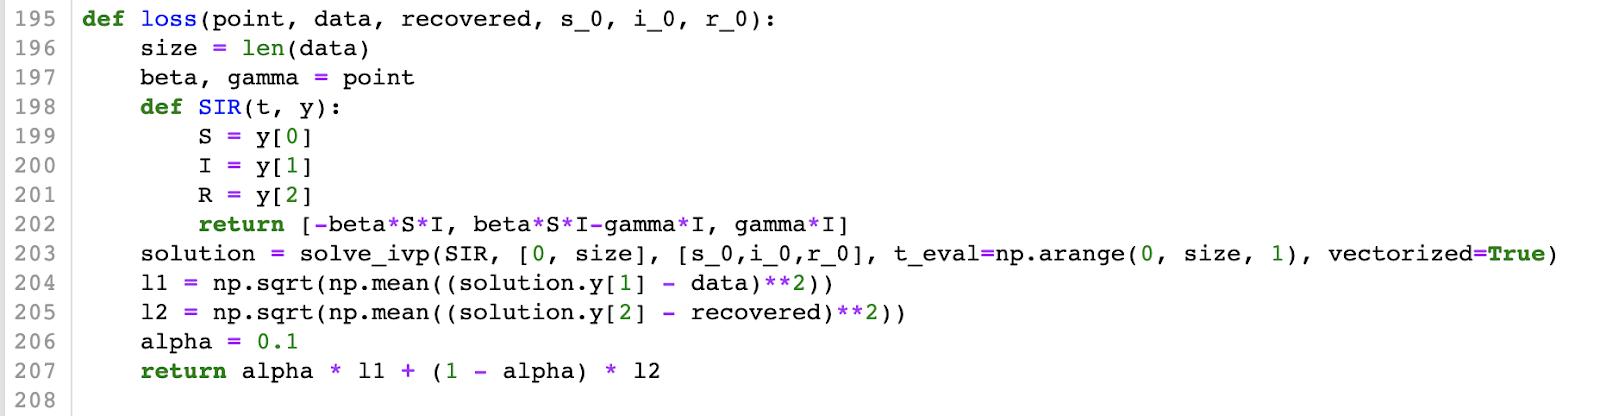 data-modelling-16